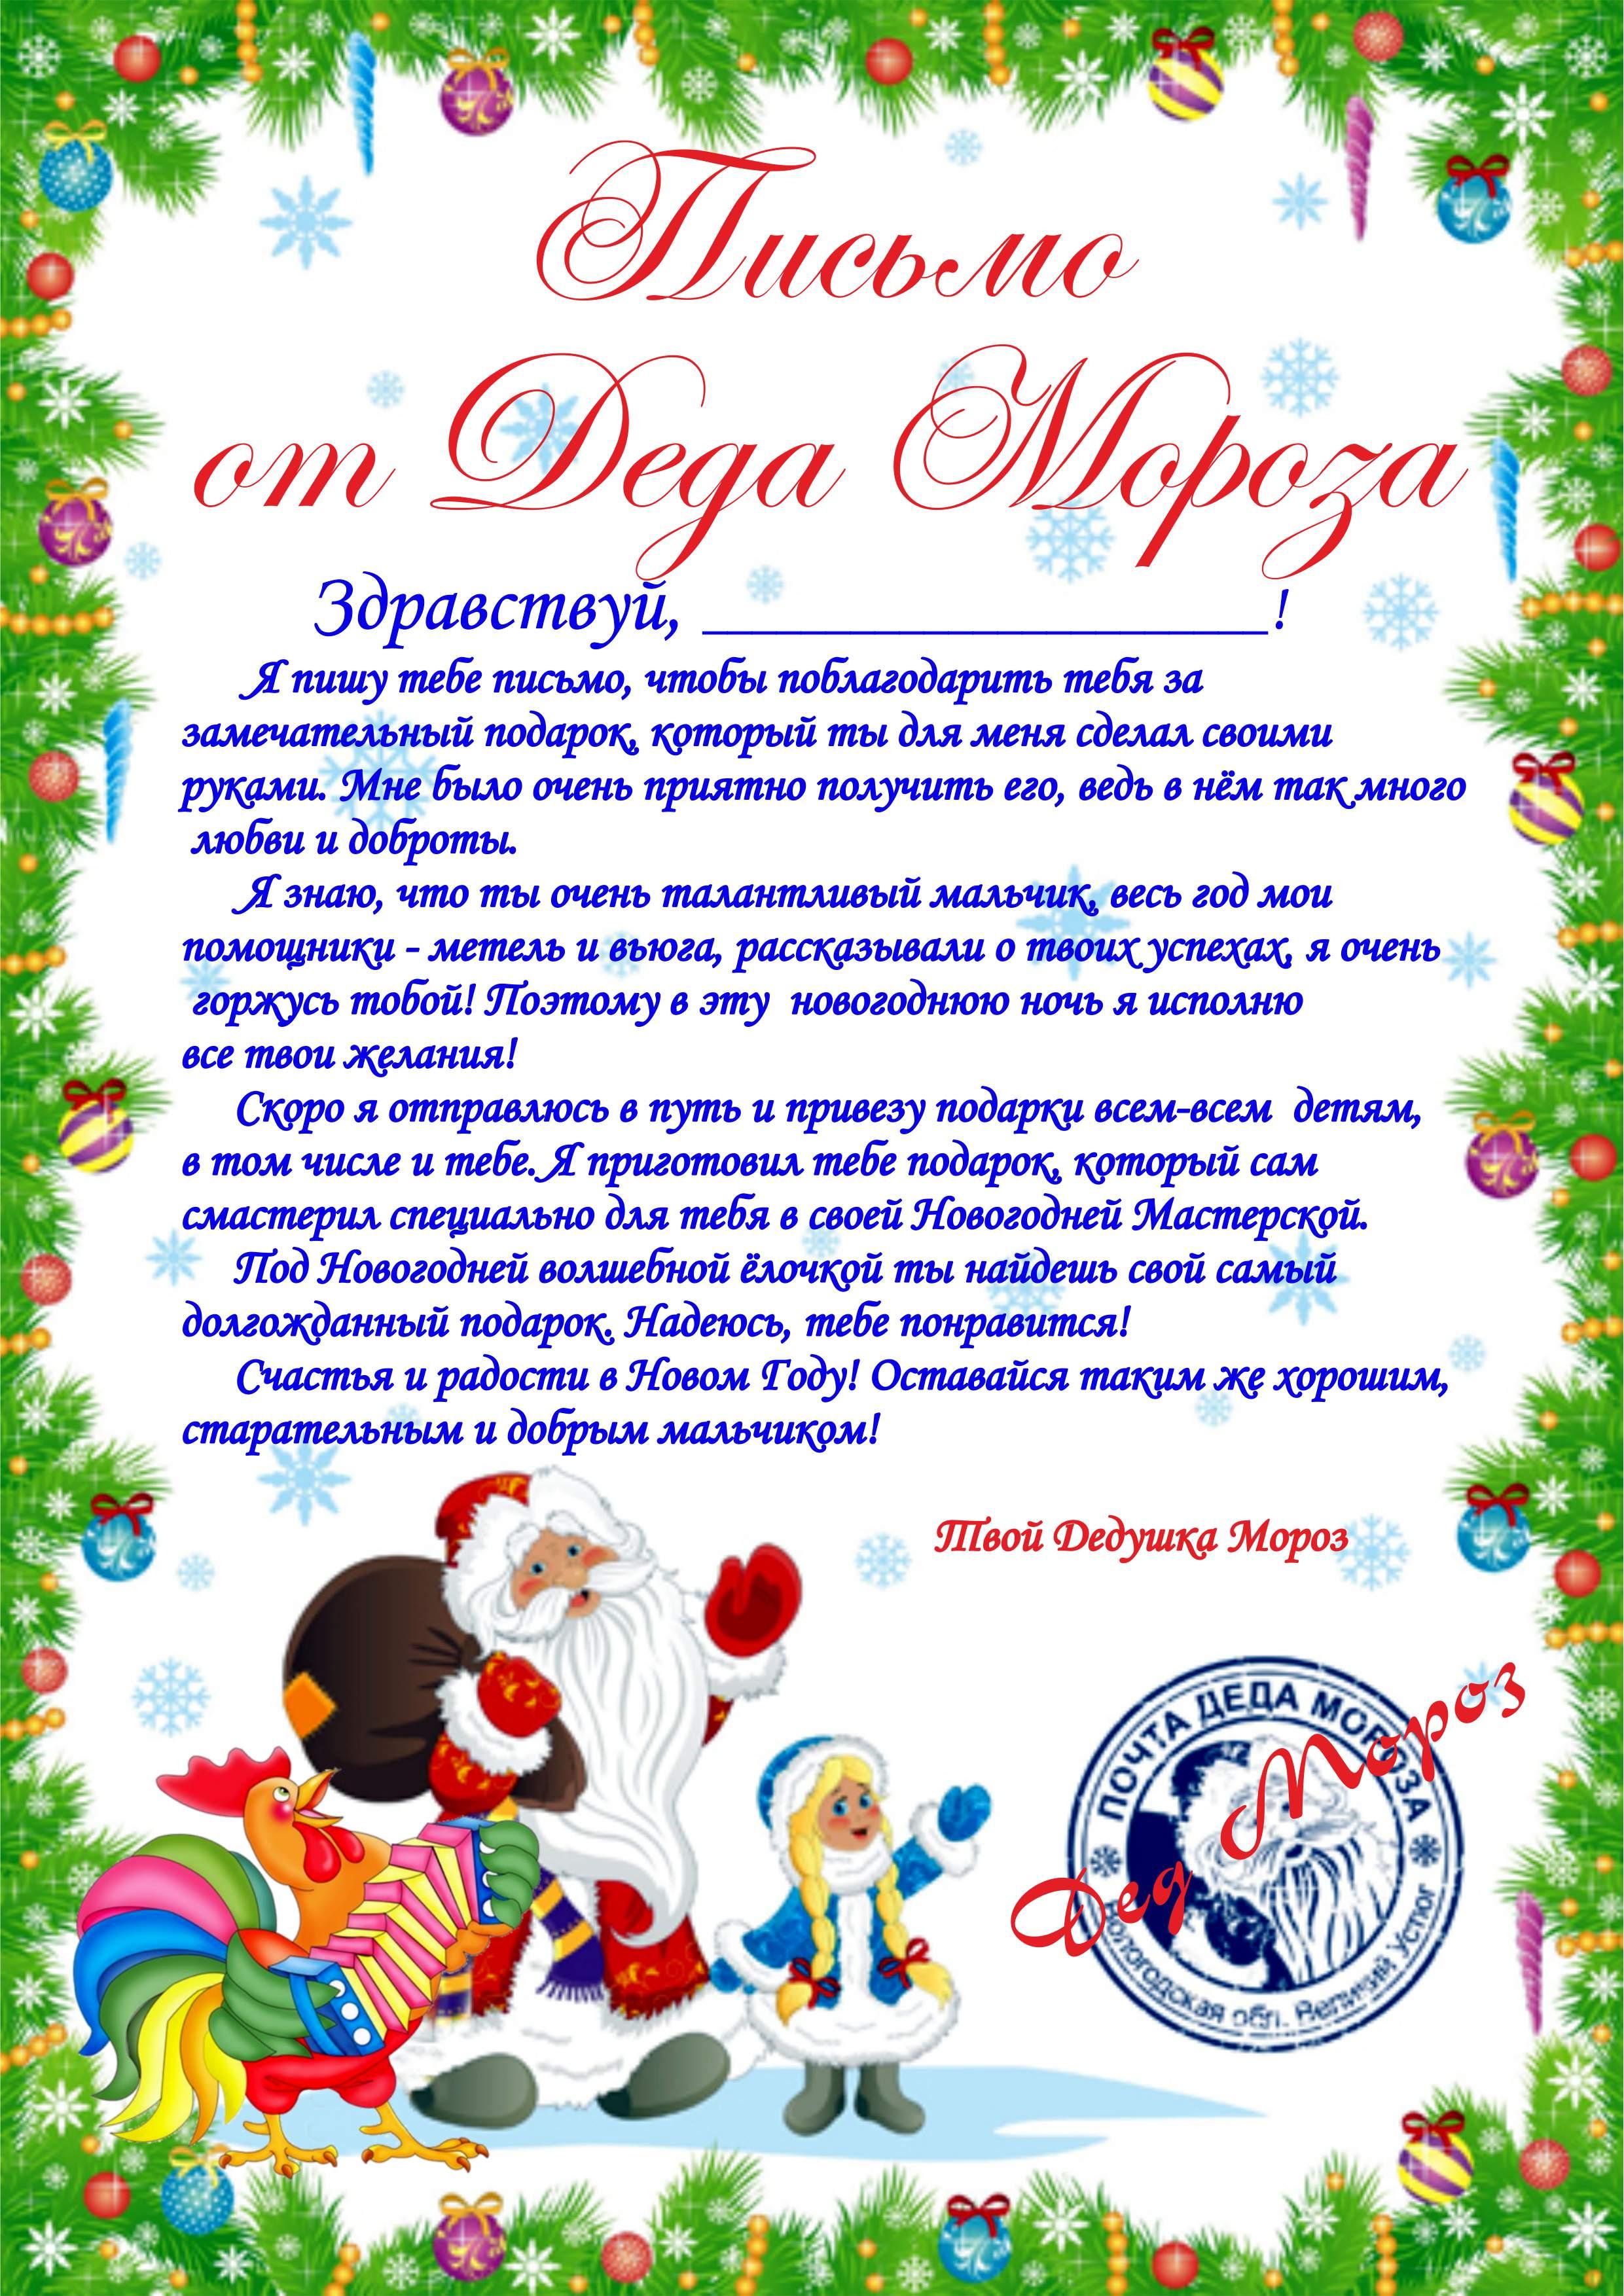 Новогодние подарки из интернет-магазина dmoroz 51